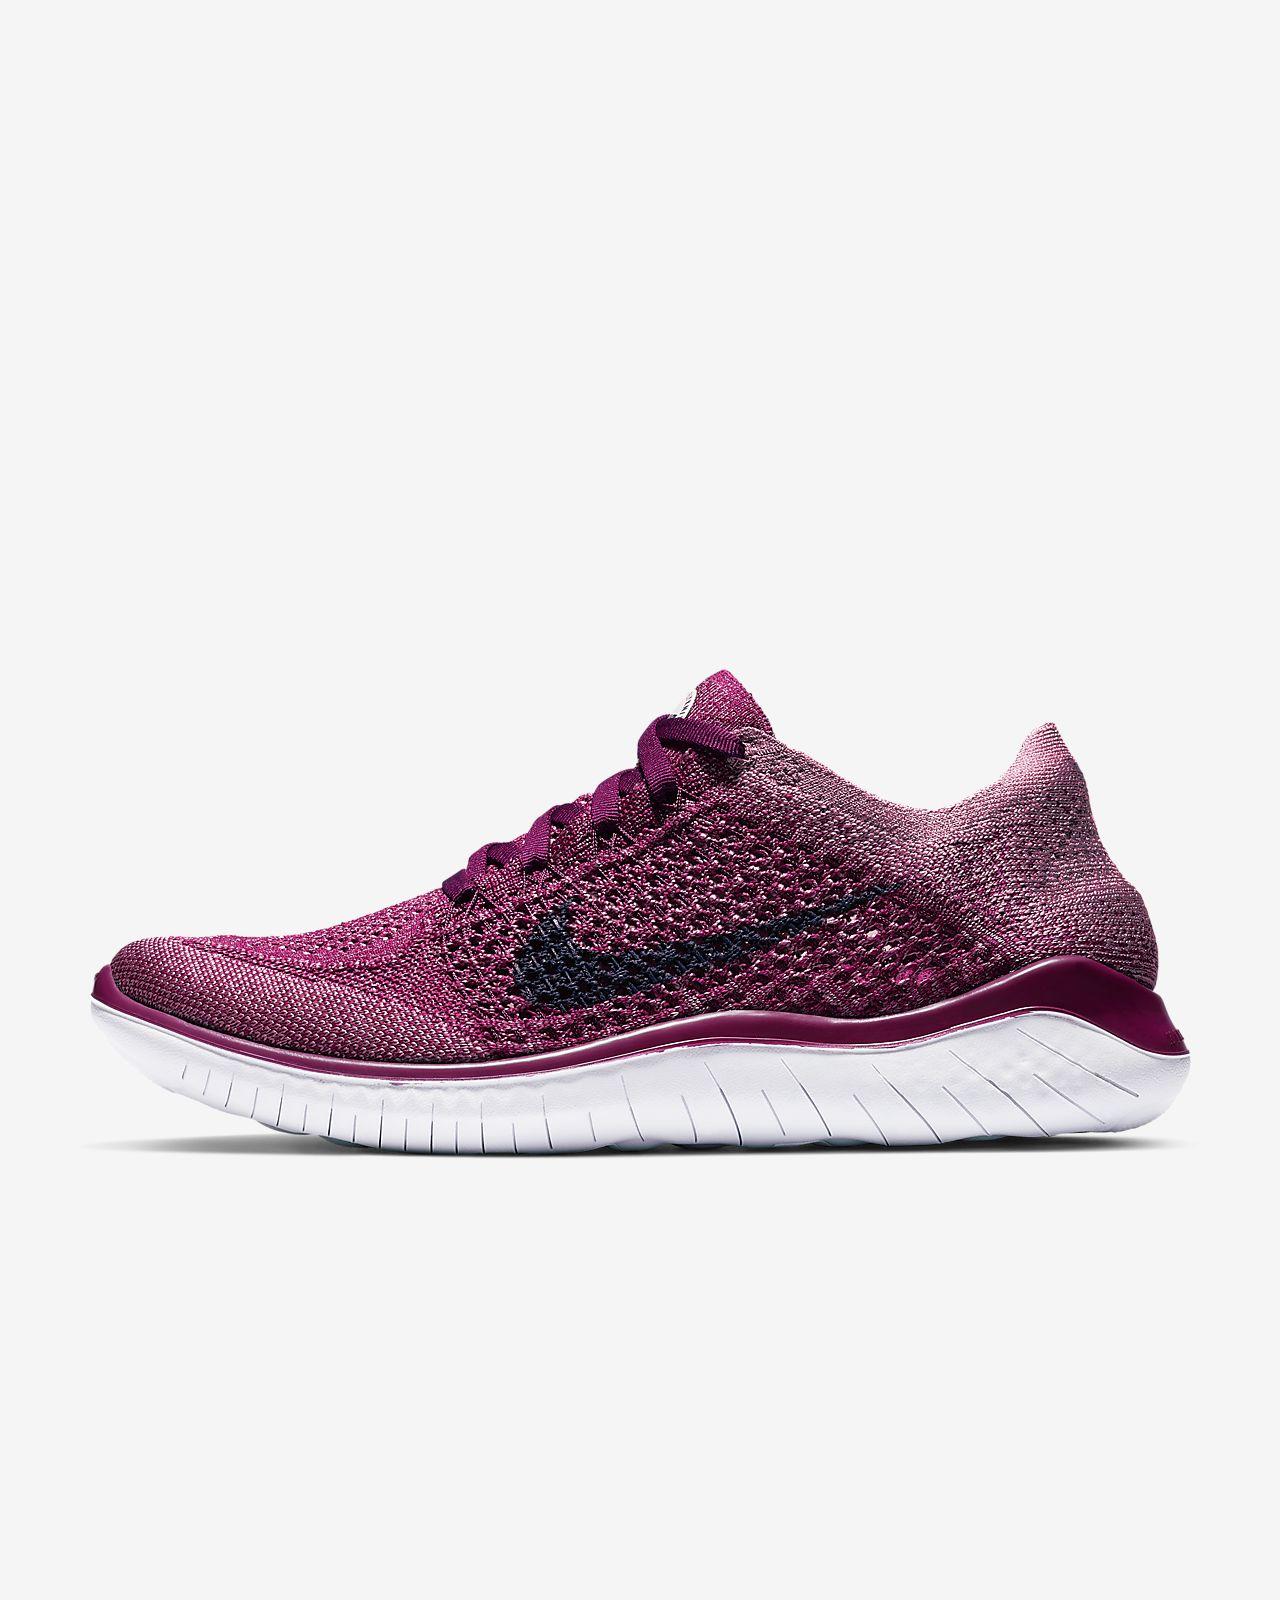 รองเท้าวิ่งผู้หญิง Nike Free RN Flyknit 2018